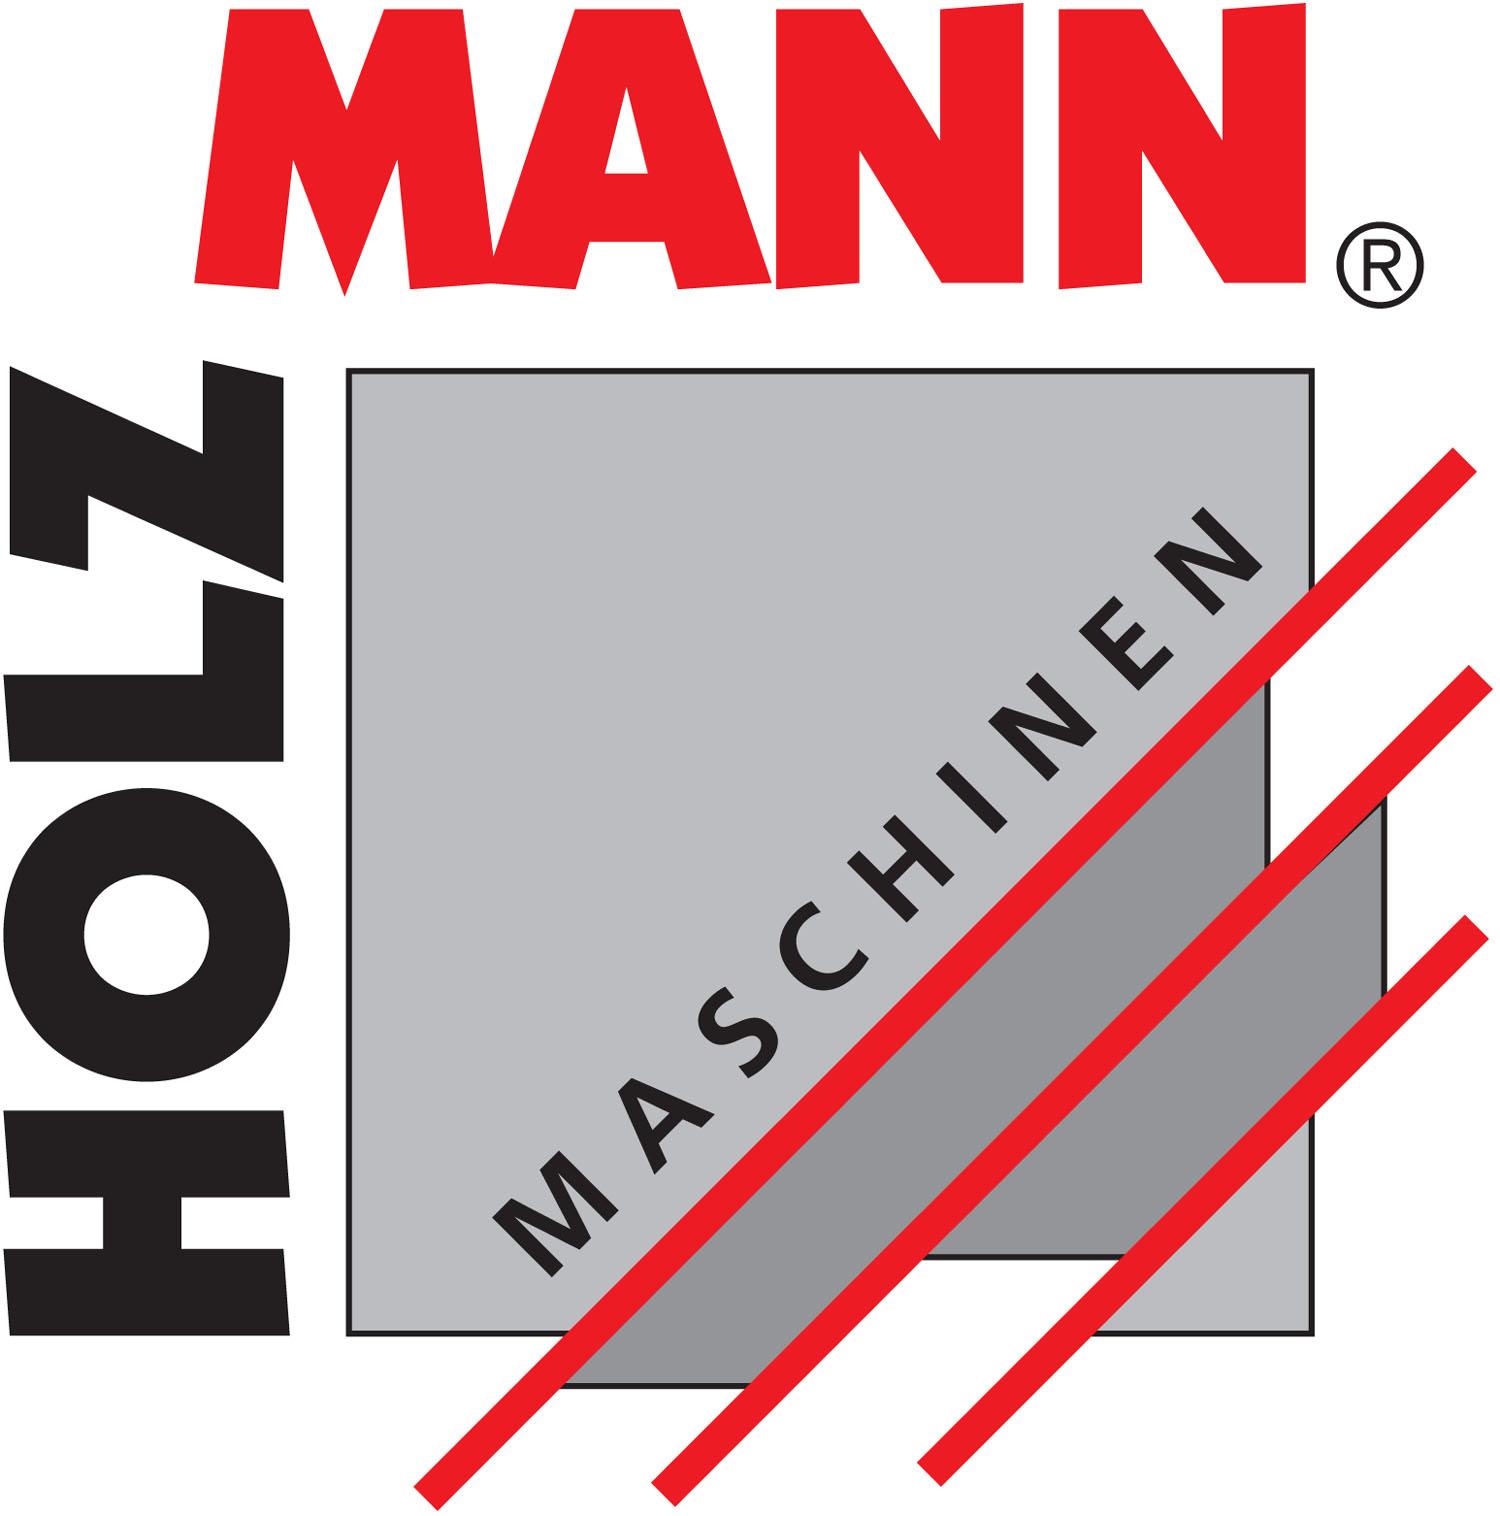 holzmann tischkreiss ge ts200 billiger kaufen im holzmann maschinen store holzmann store. Black Bedroom Furniture Sets. Home Design Ideas